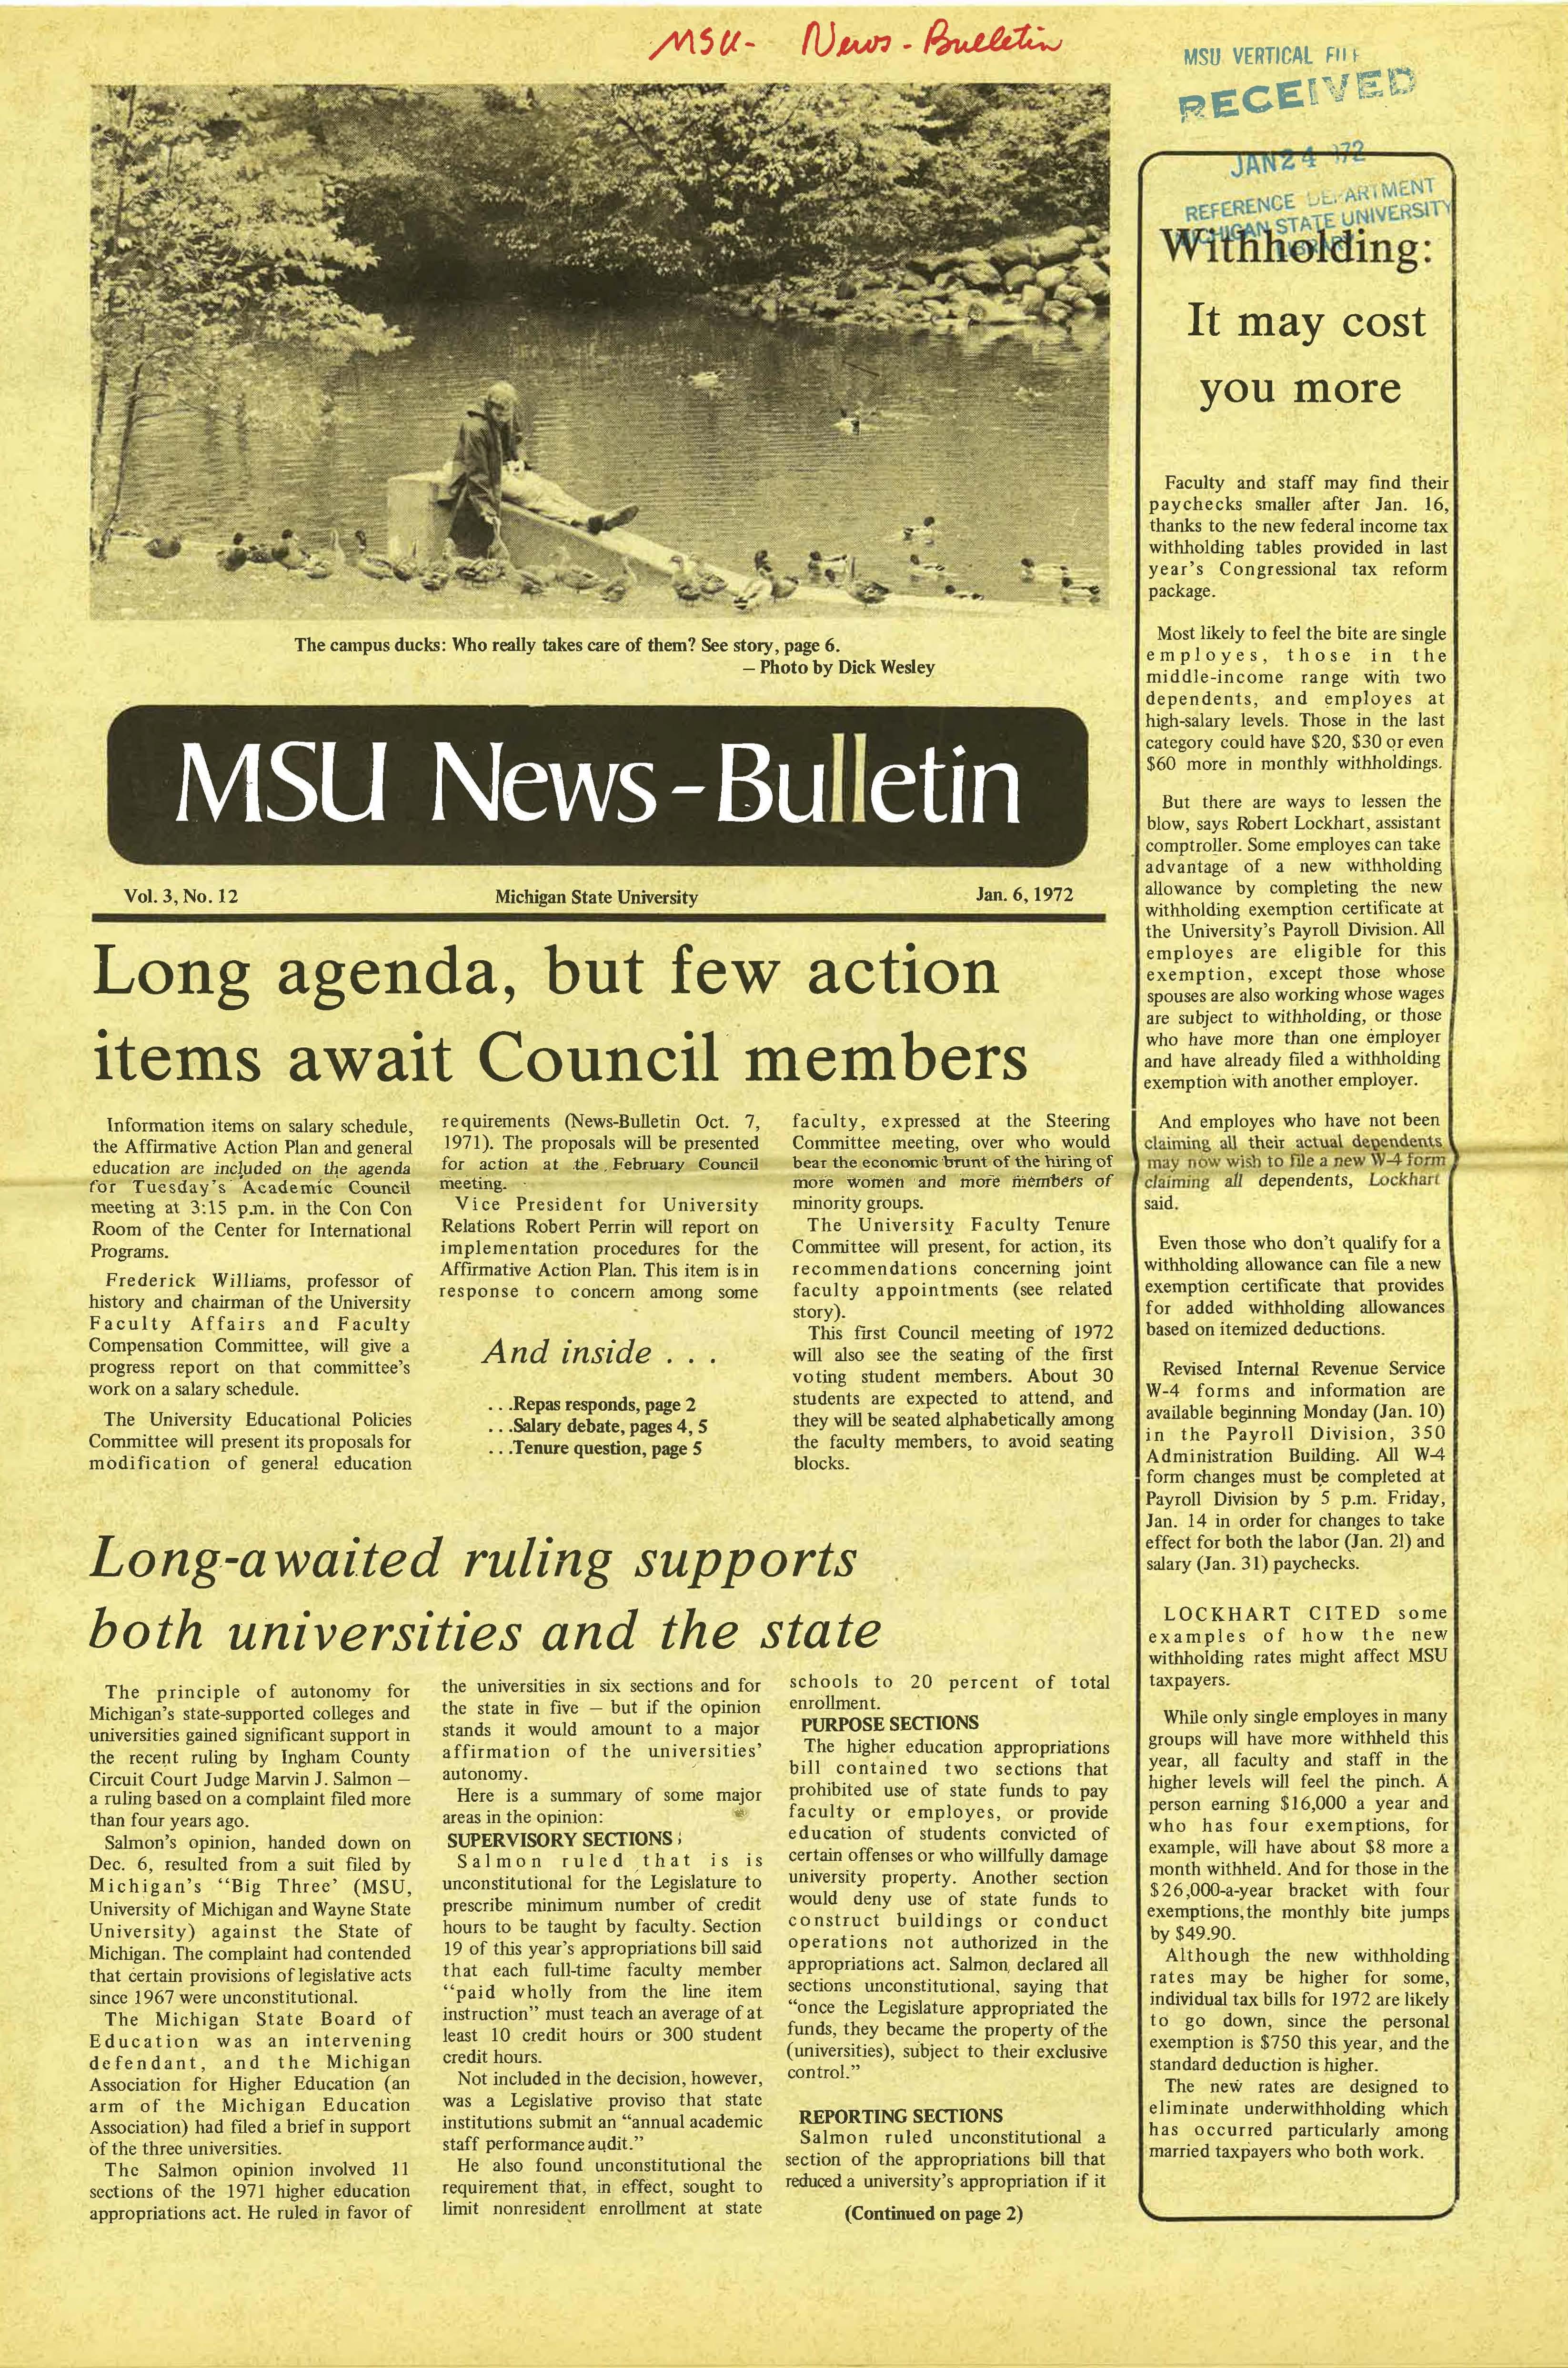 MSU News Bulletin, vol. 3, No. 28, May 11, 1972